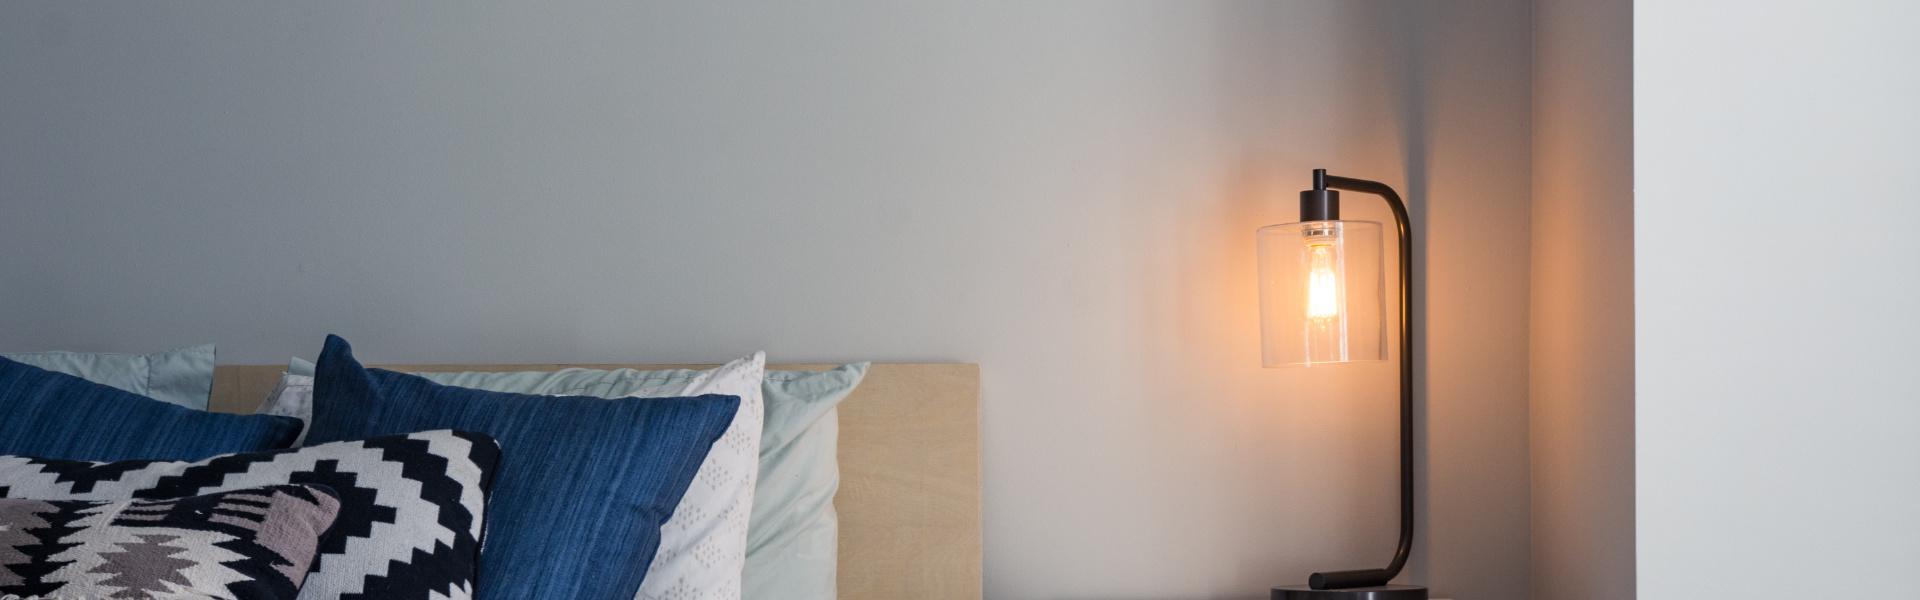 Pomysły na modne i praktyczne oświetlenie sypialni